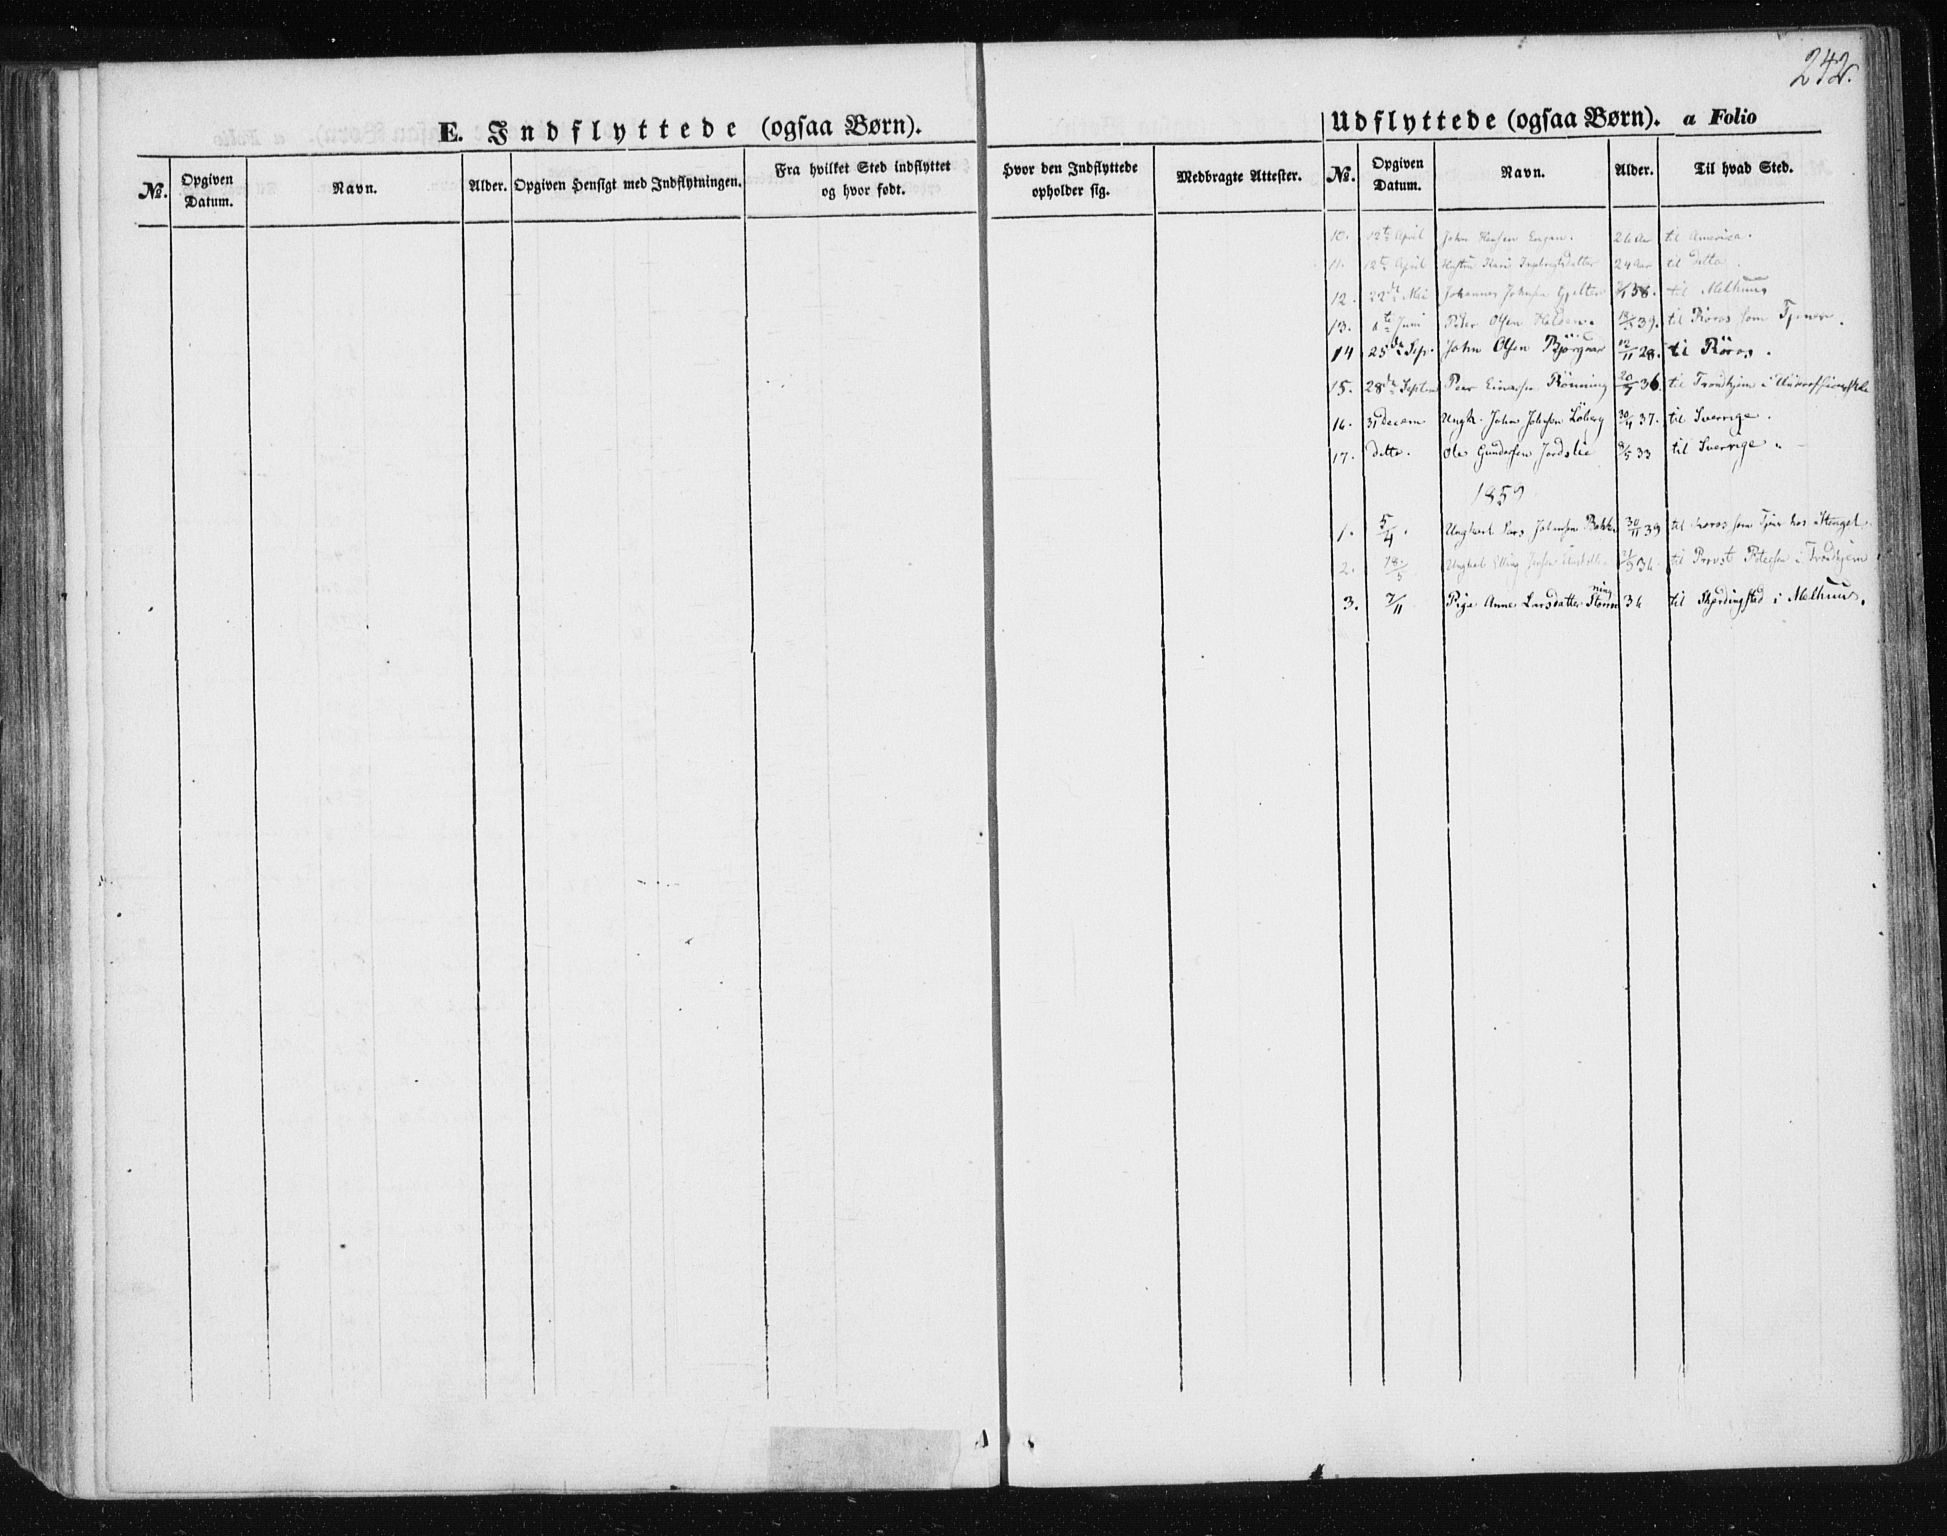 SAT, Ministerialprotokoller, klokkerbøker og fødselsregistre - Sør-Trøndelag, 685/L0965: Ministerialbok nr. 685A06 /3, 1846-1859, s. 242